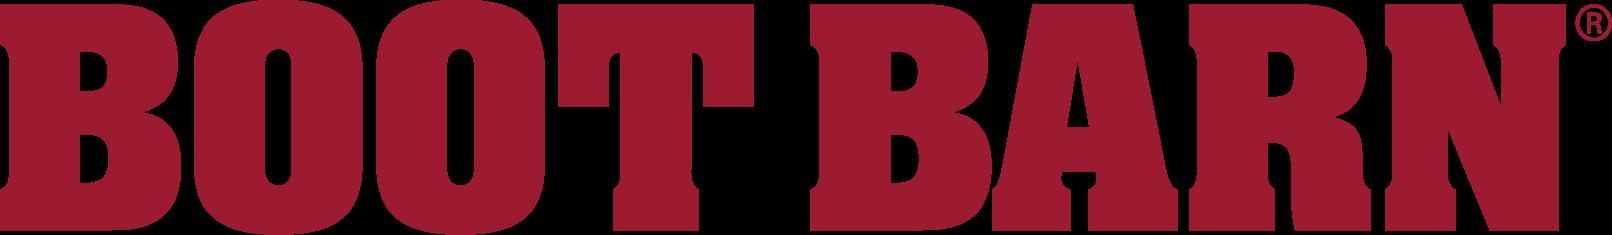 Boot Barn app-less AR